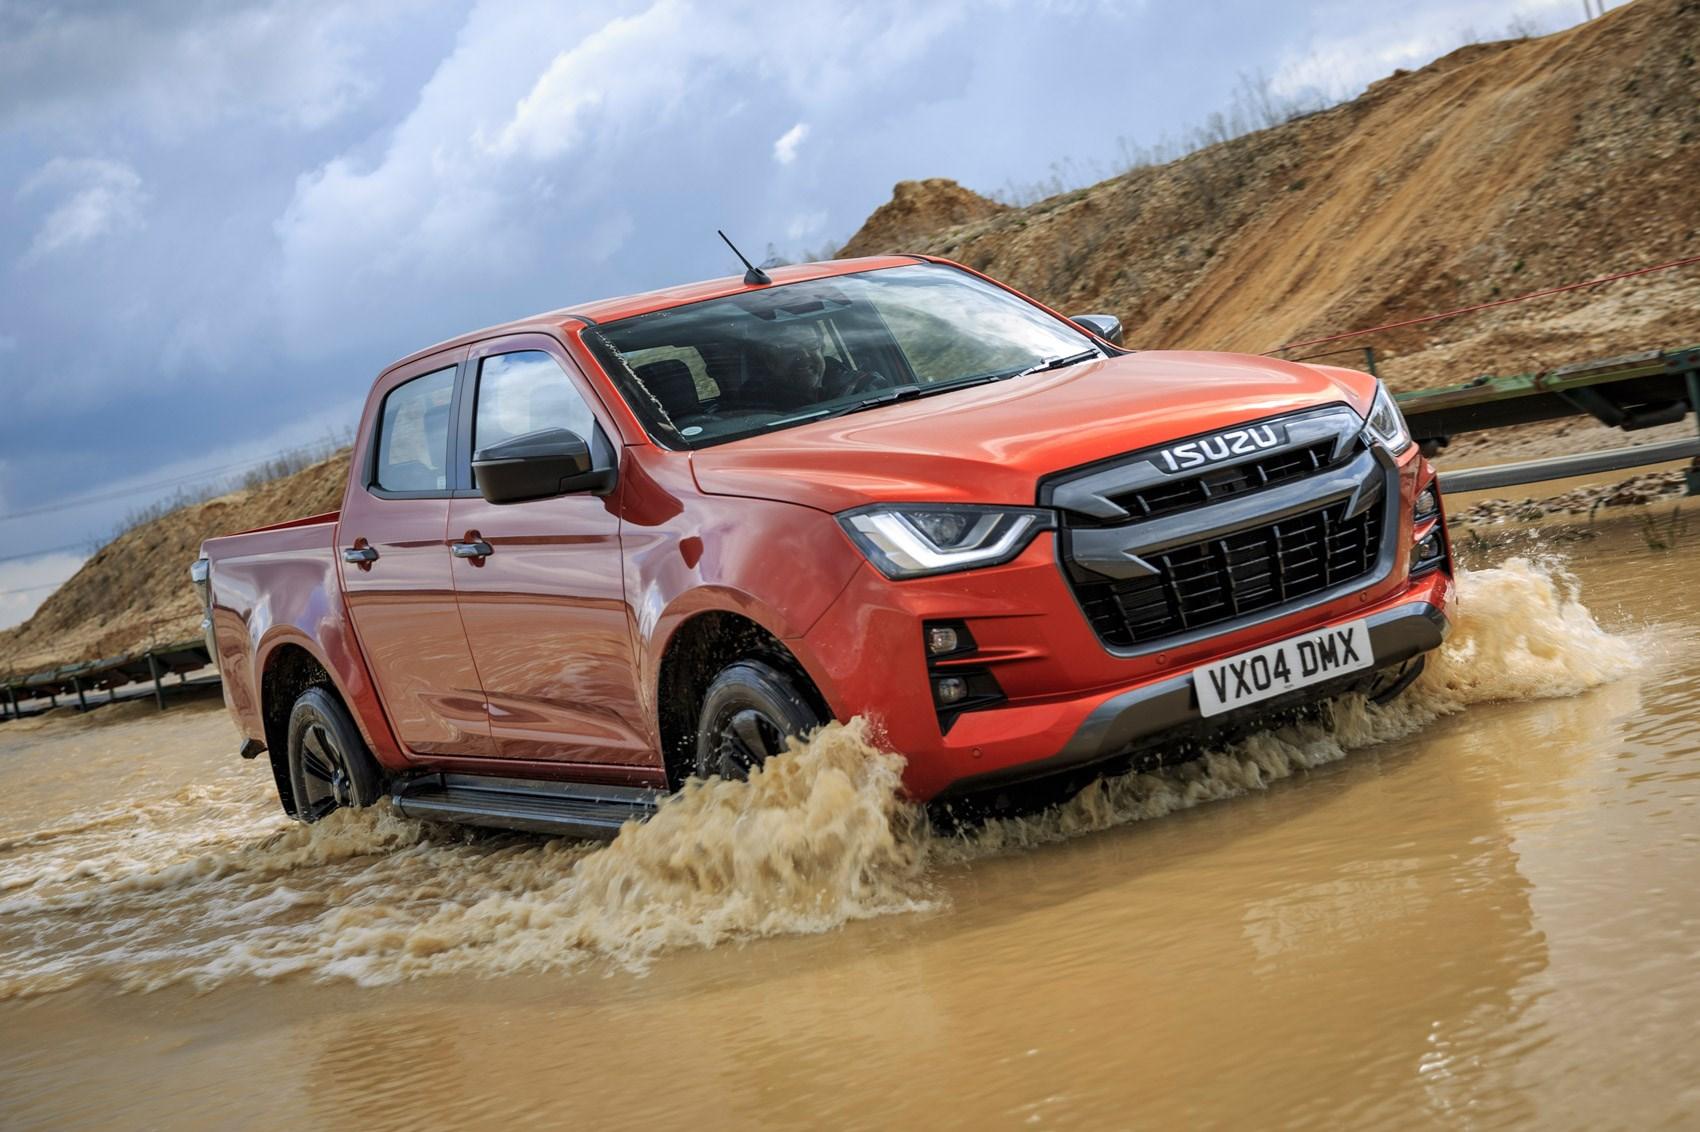 2021 uk in best pickup ⭐️ sale for Car &